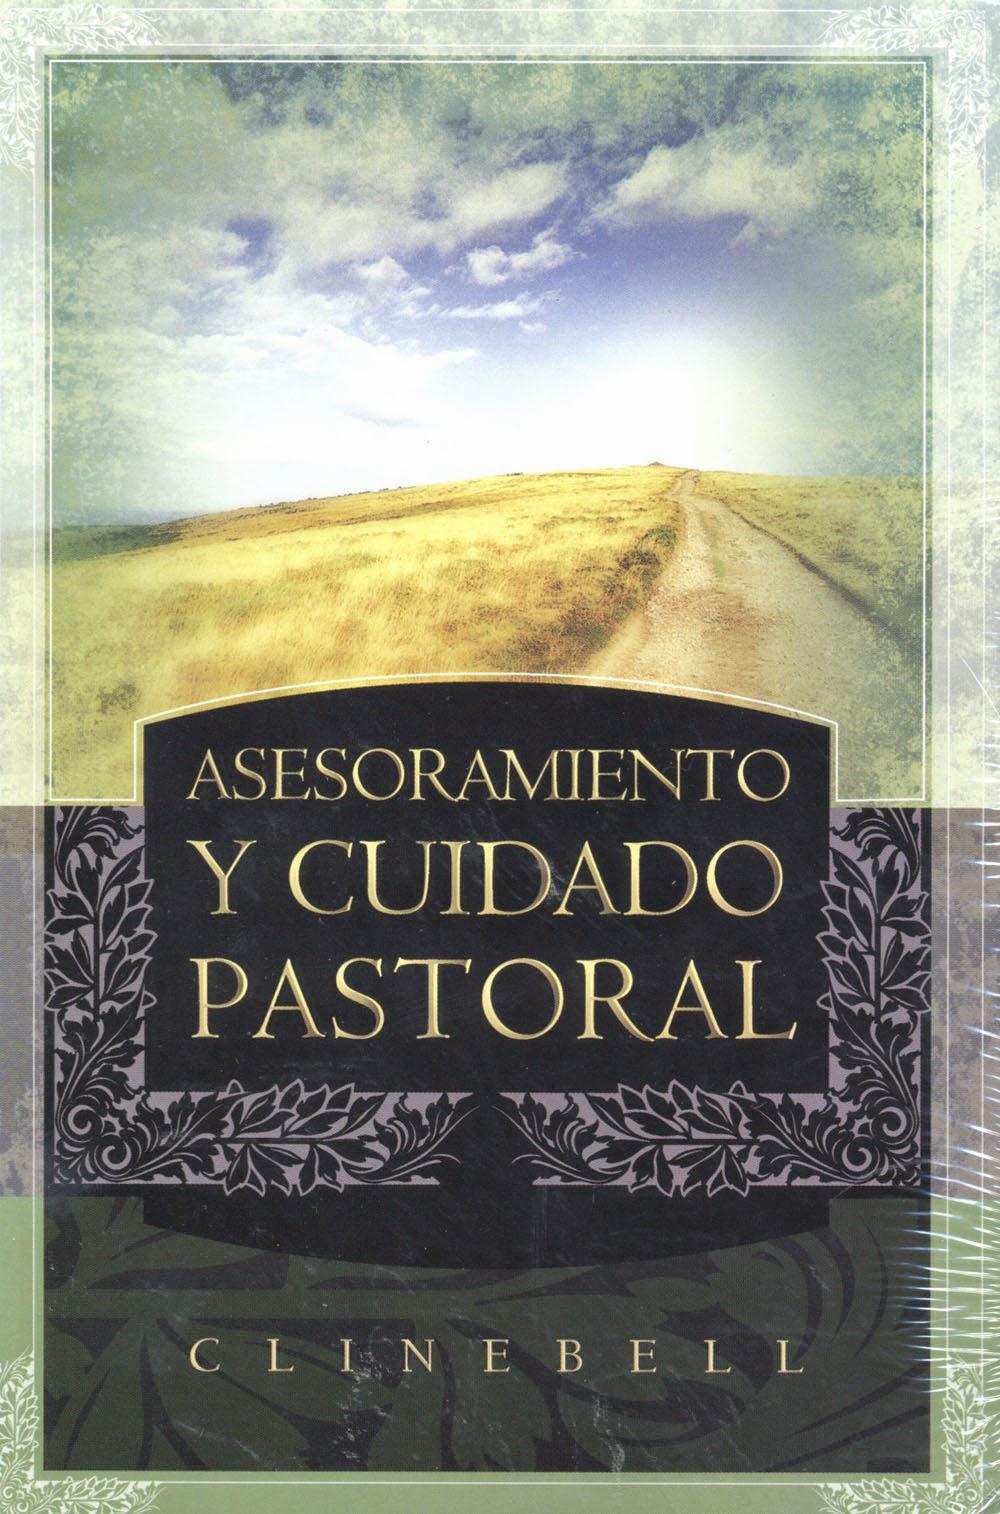 Howard Clinebell-Asesoramiento y Cuidado Pastoral-